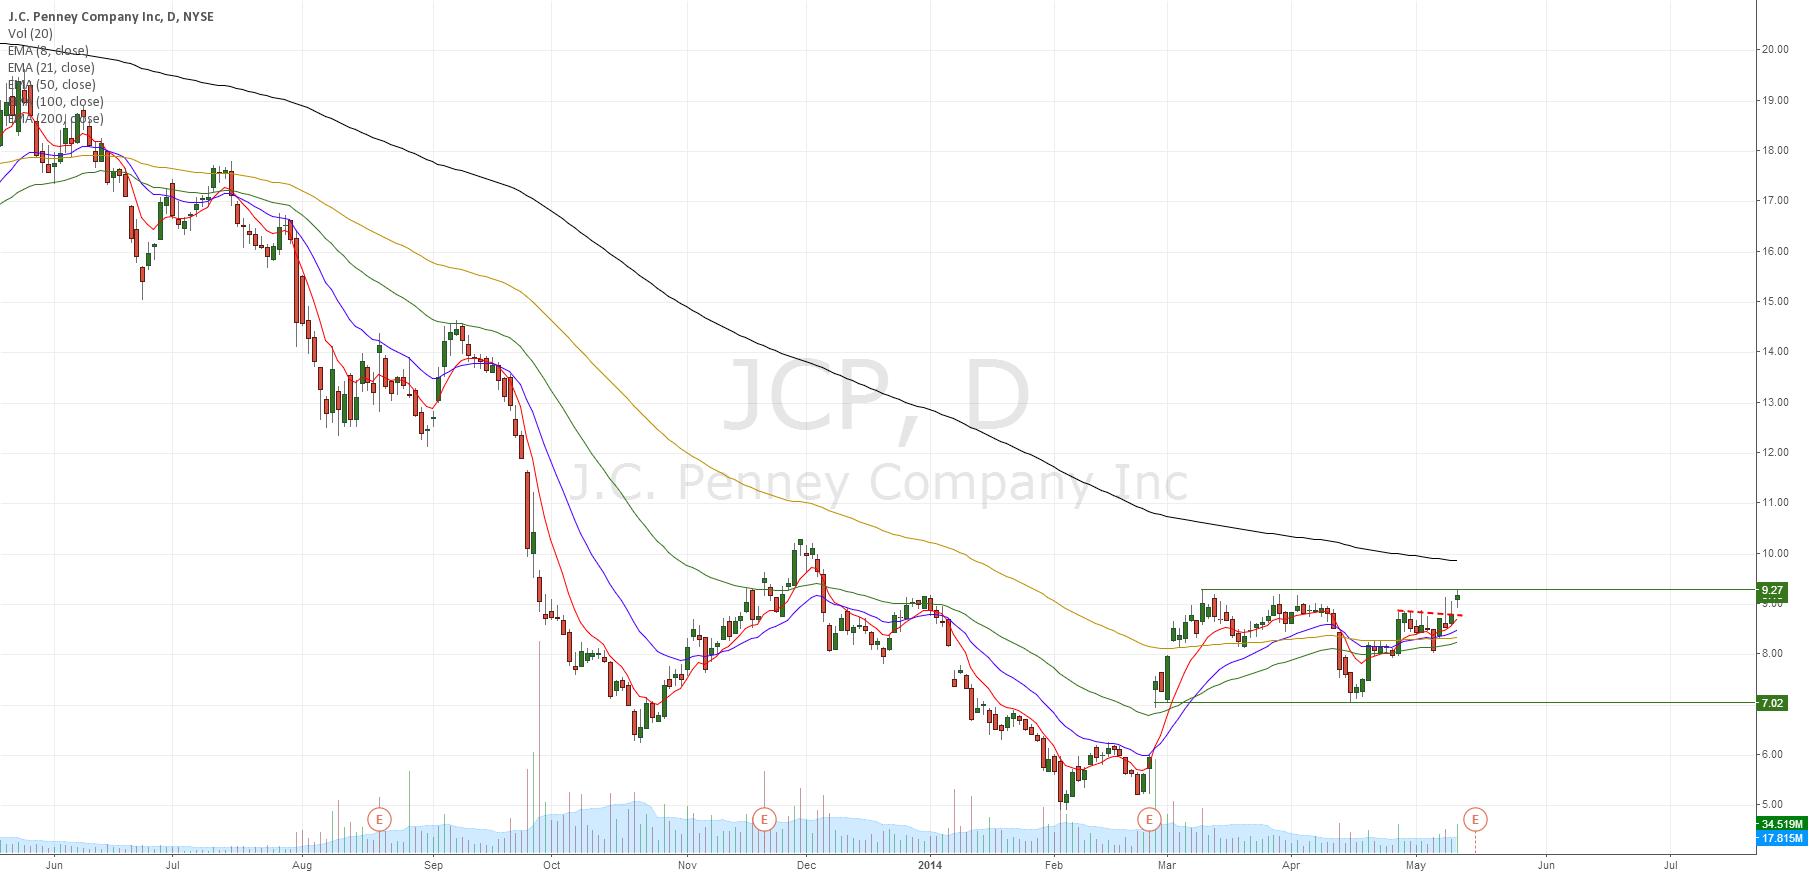 JCP waking up, laggard play